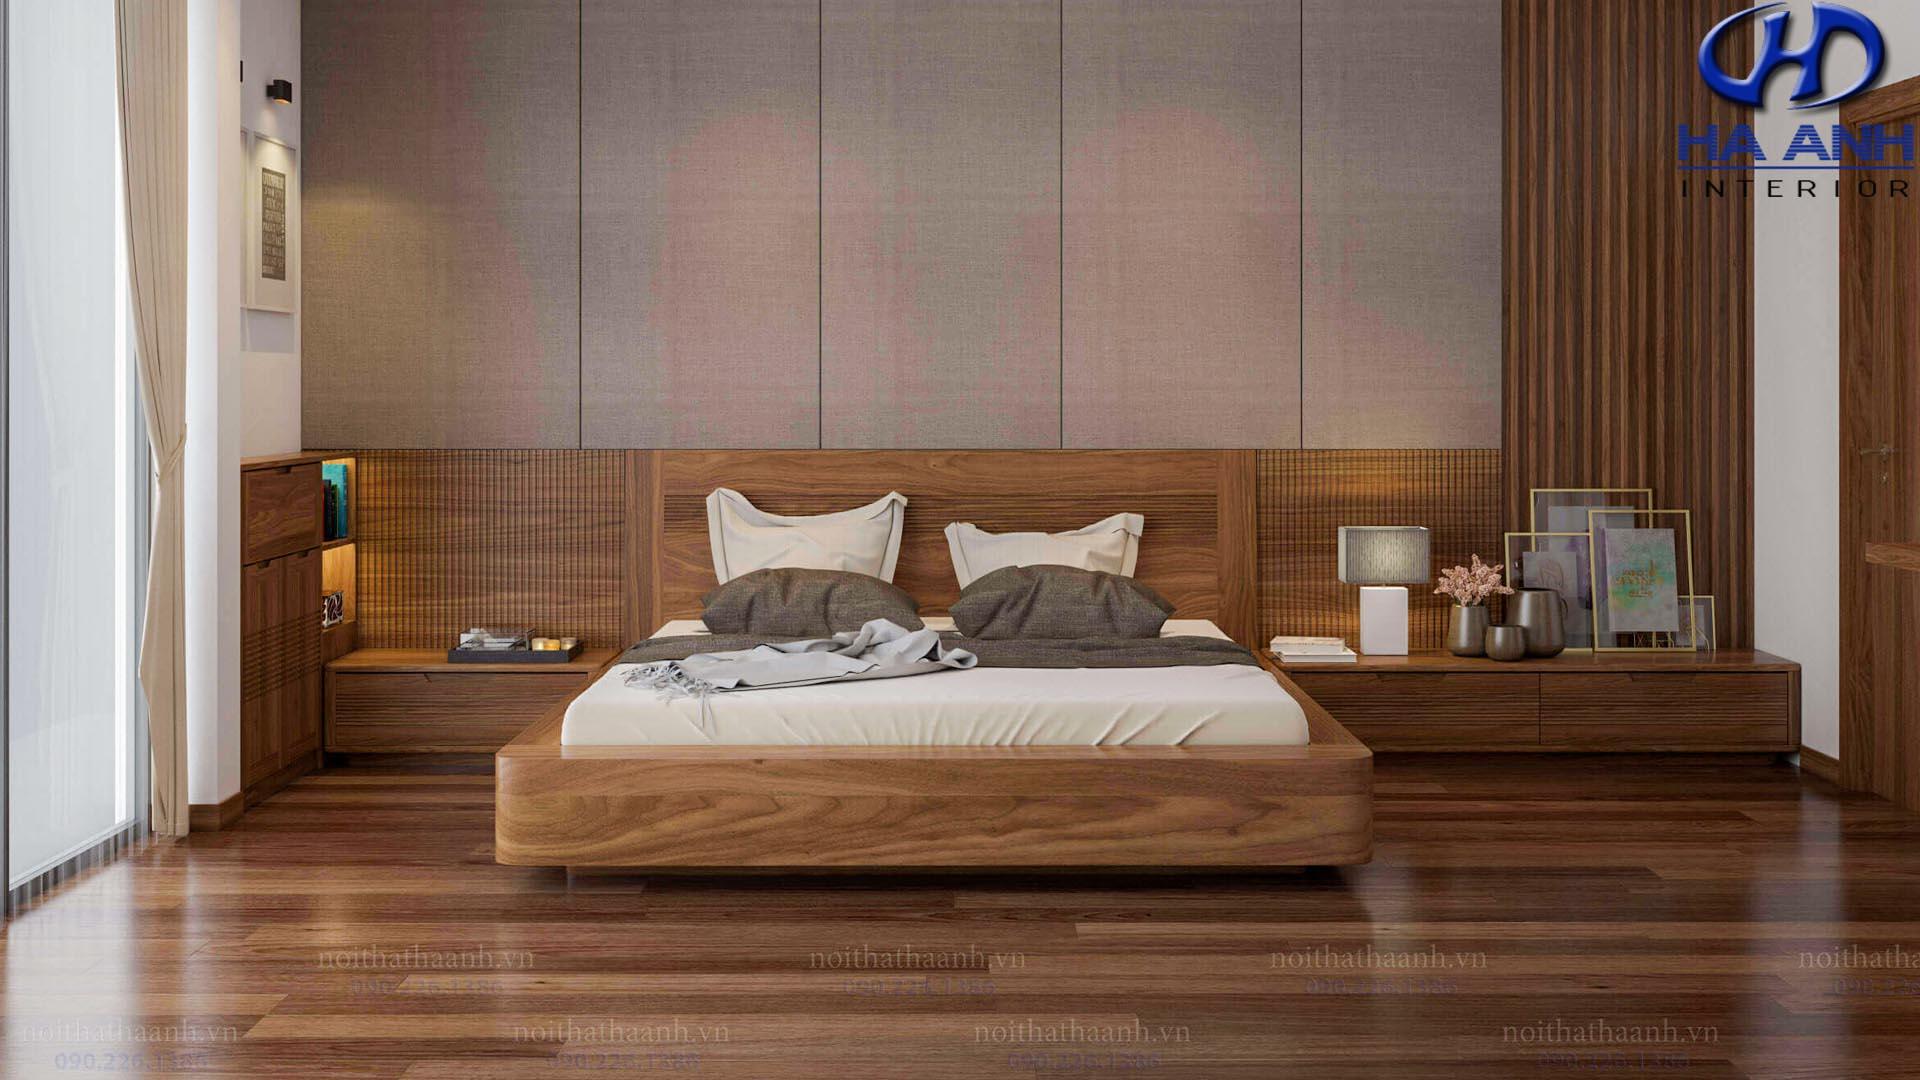 Hướng dẫn bài trí phòng ngủ gỗ óc chó phù hợp với không gian nhà bạn